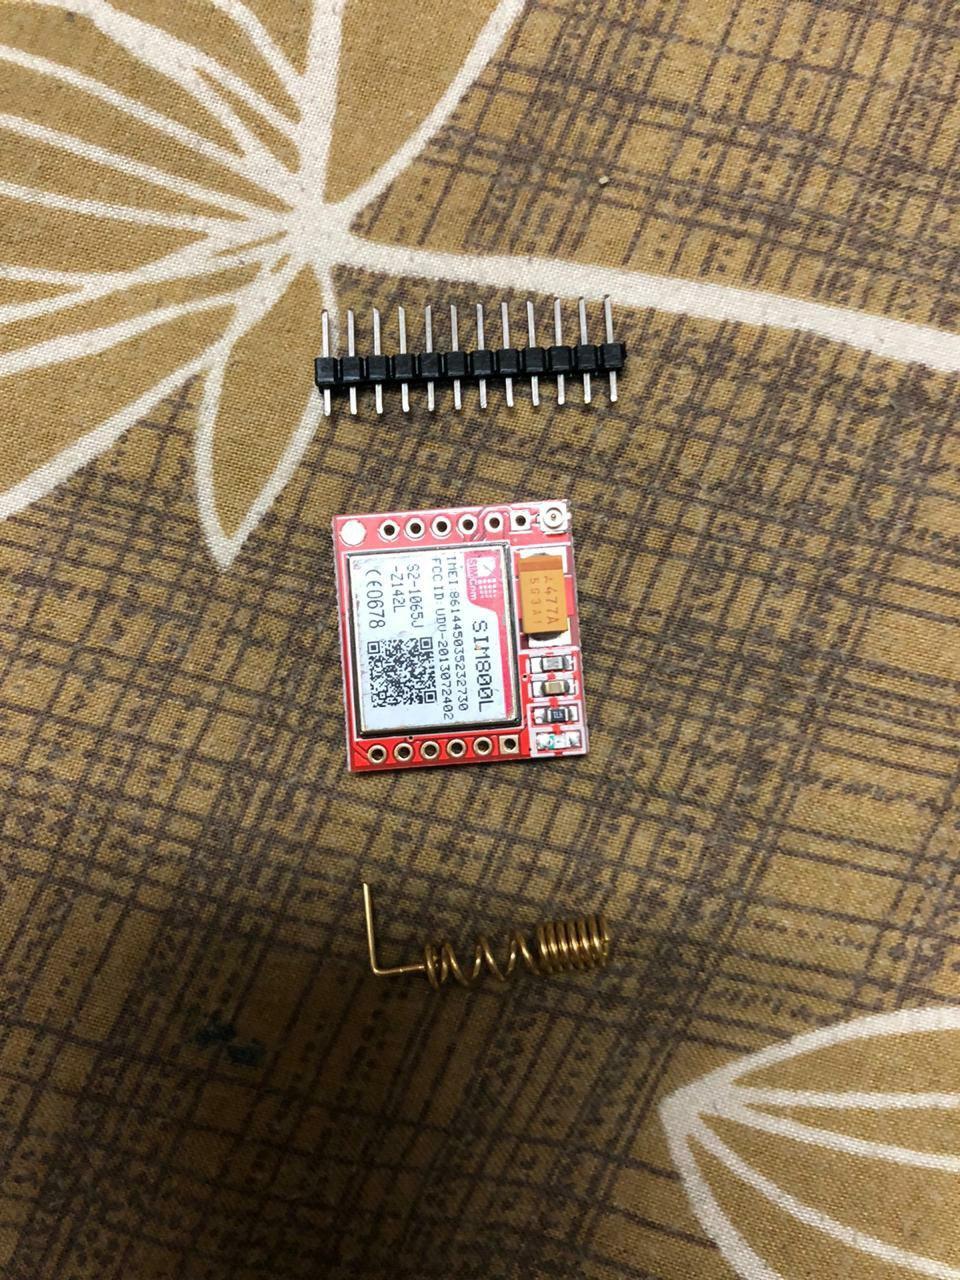 GSM Module 800L